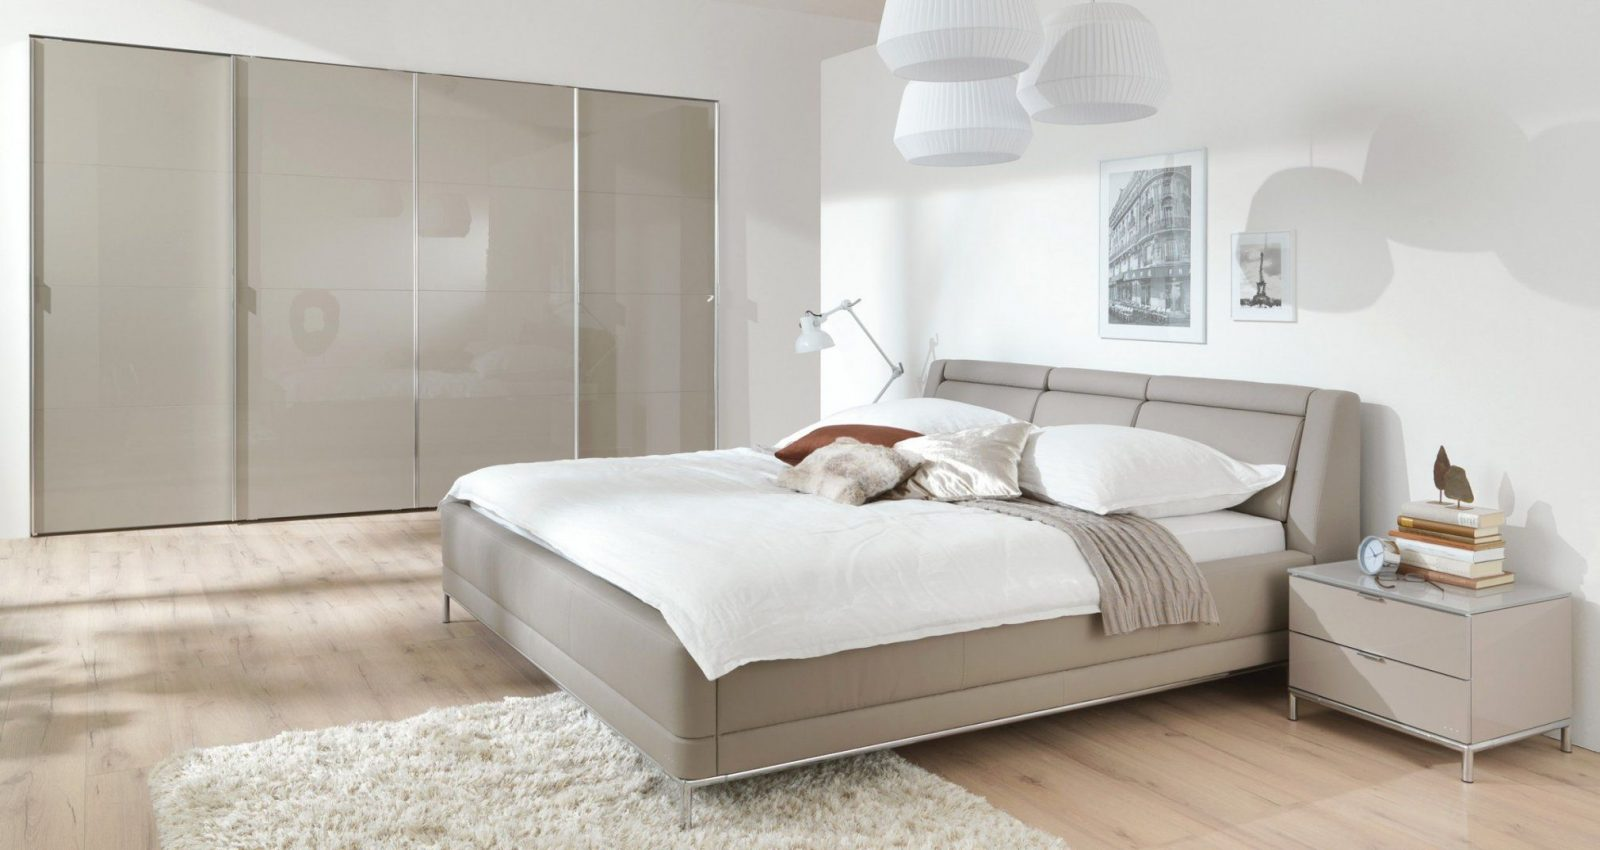 Groß Schlafzimmer Komplett Weiß Hochglanz Downshoredrift Für von Schlafzimmer Komplett Hochglanz Weiss Photo